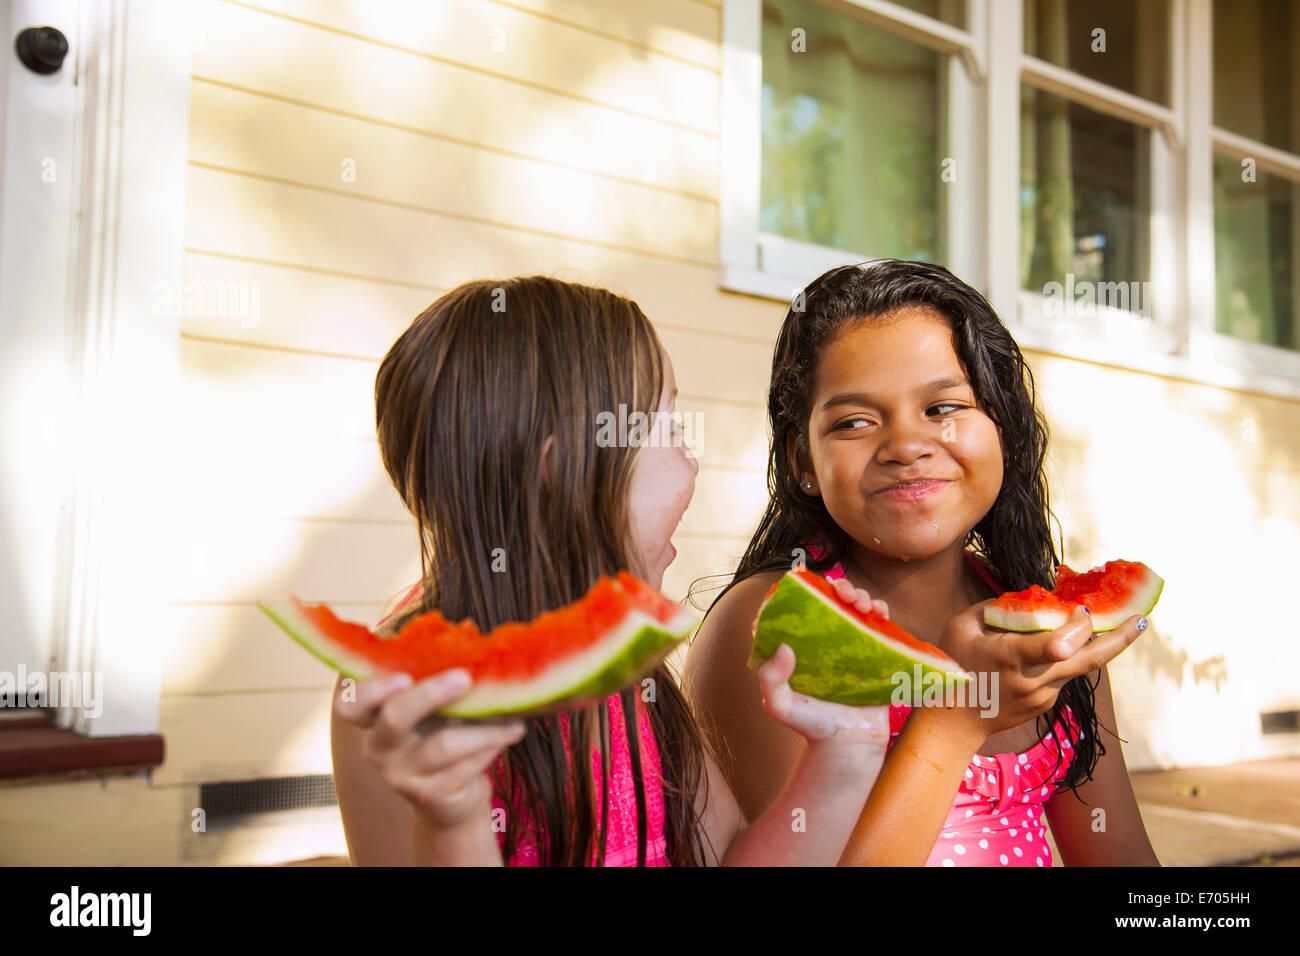 Dos niñas sonrientes sentados en el porche de la casa con rebanadas de sandía Imagen De Stock